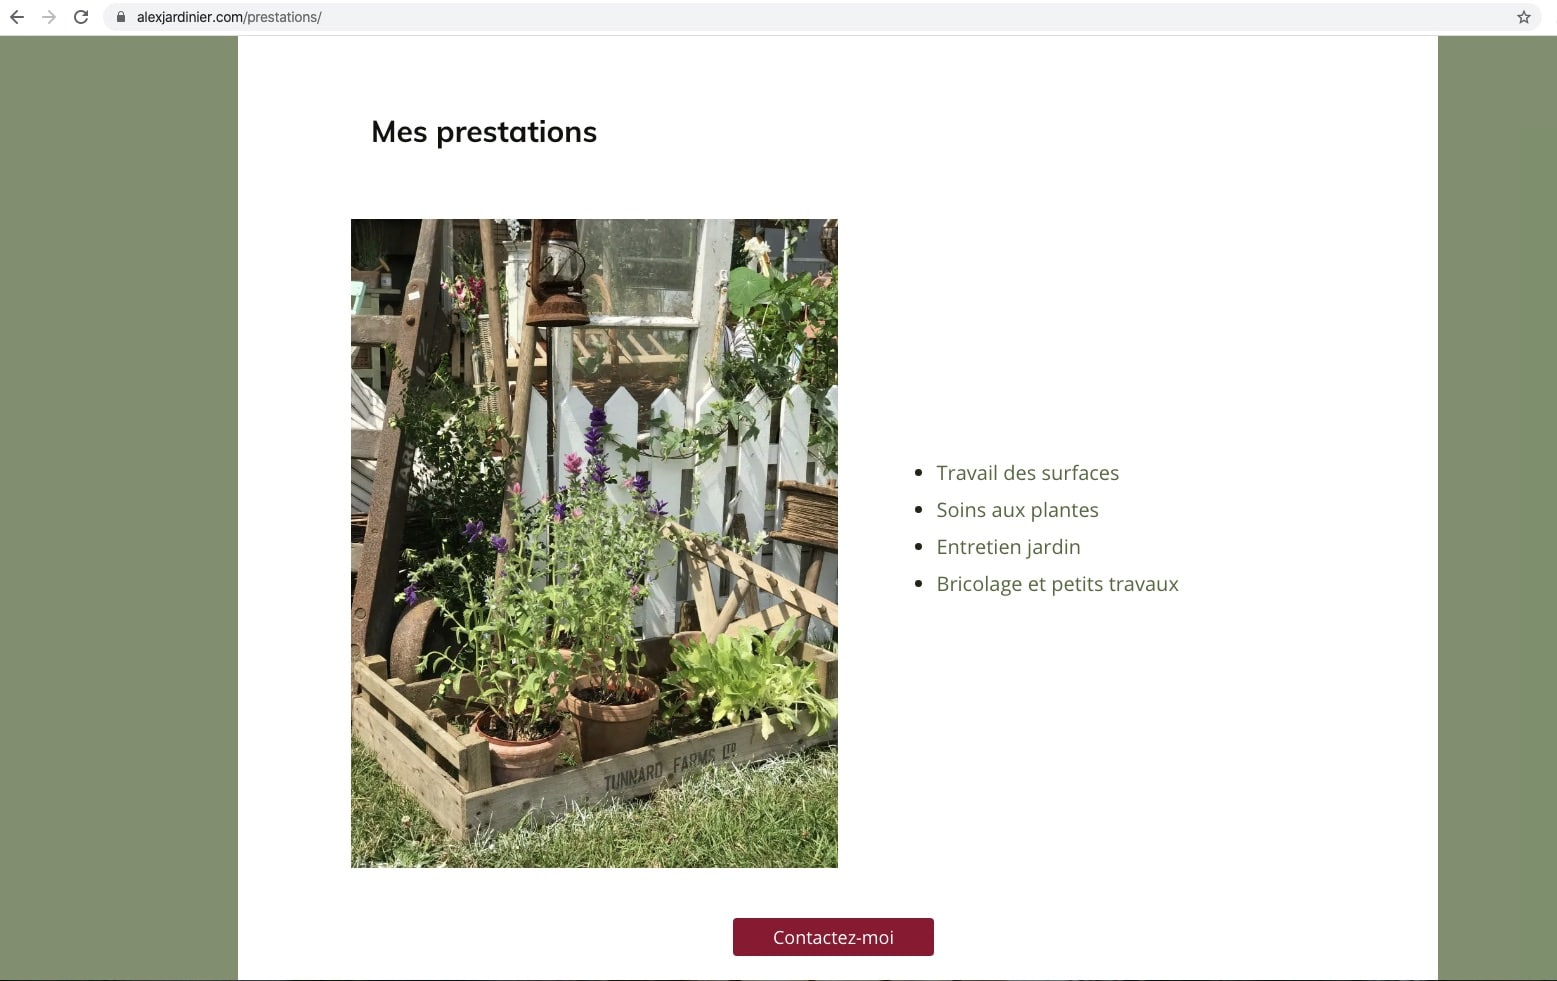 Extrait de la page prestations du site internet alexjardinier.com